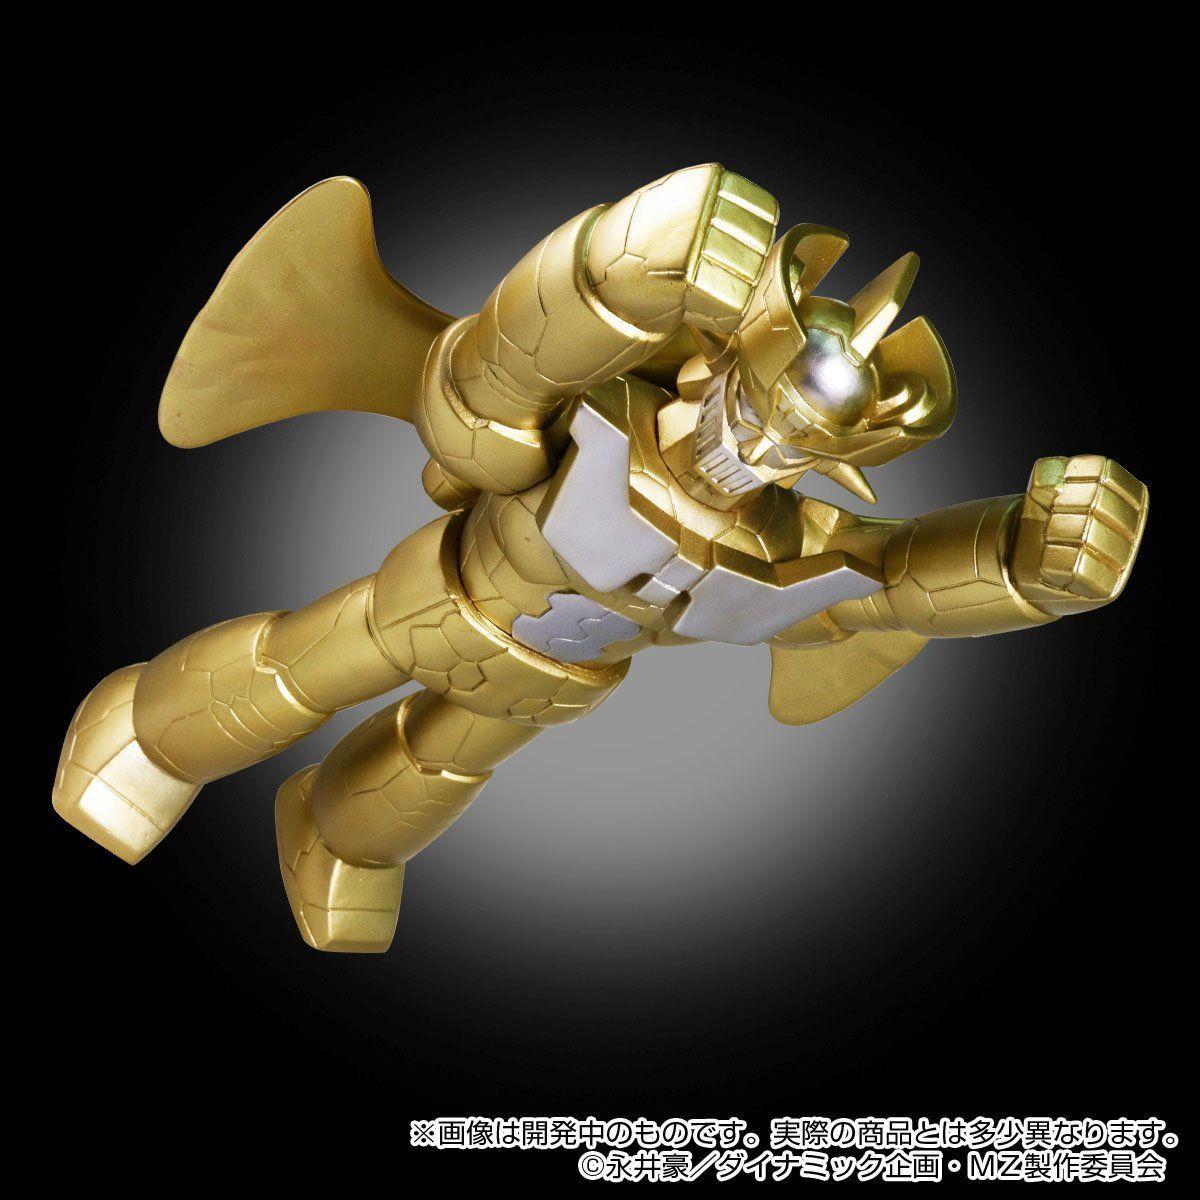 ブルマァクソフビ『マジンガーZ INFINITY|ジェットスクランダー付〔ゴールドVer.〕』ソフビ・フィギュア-005